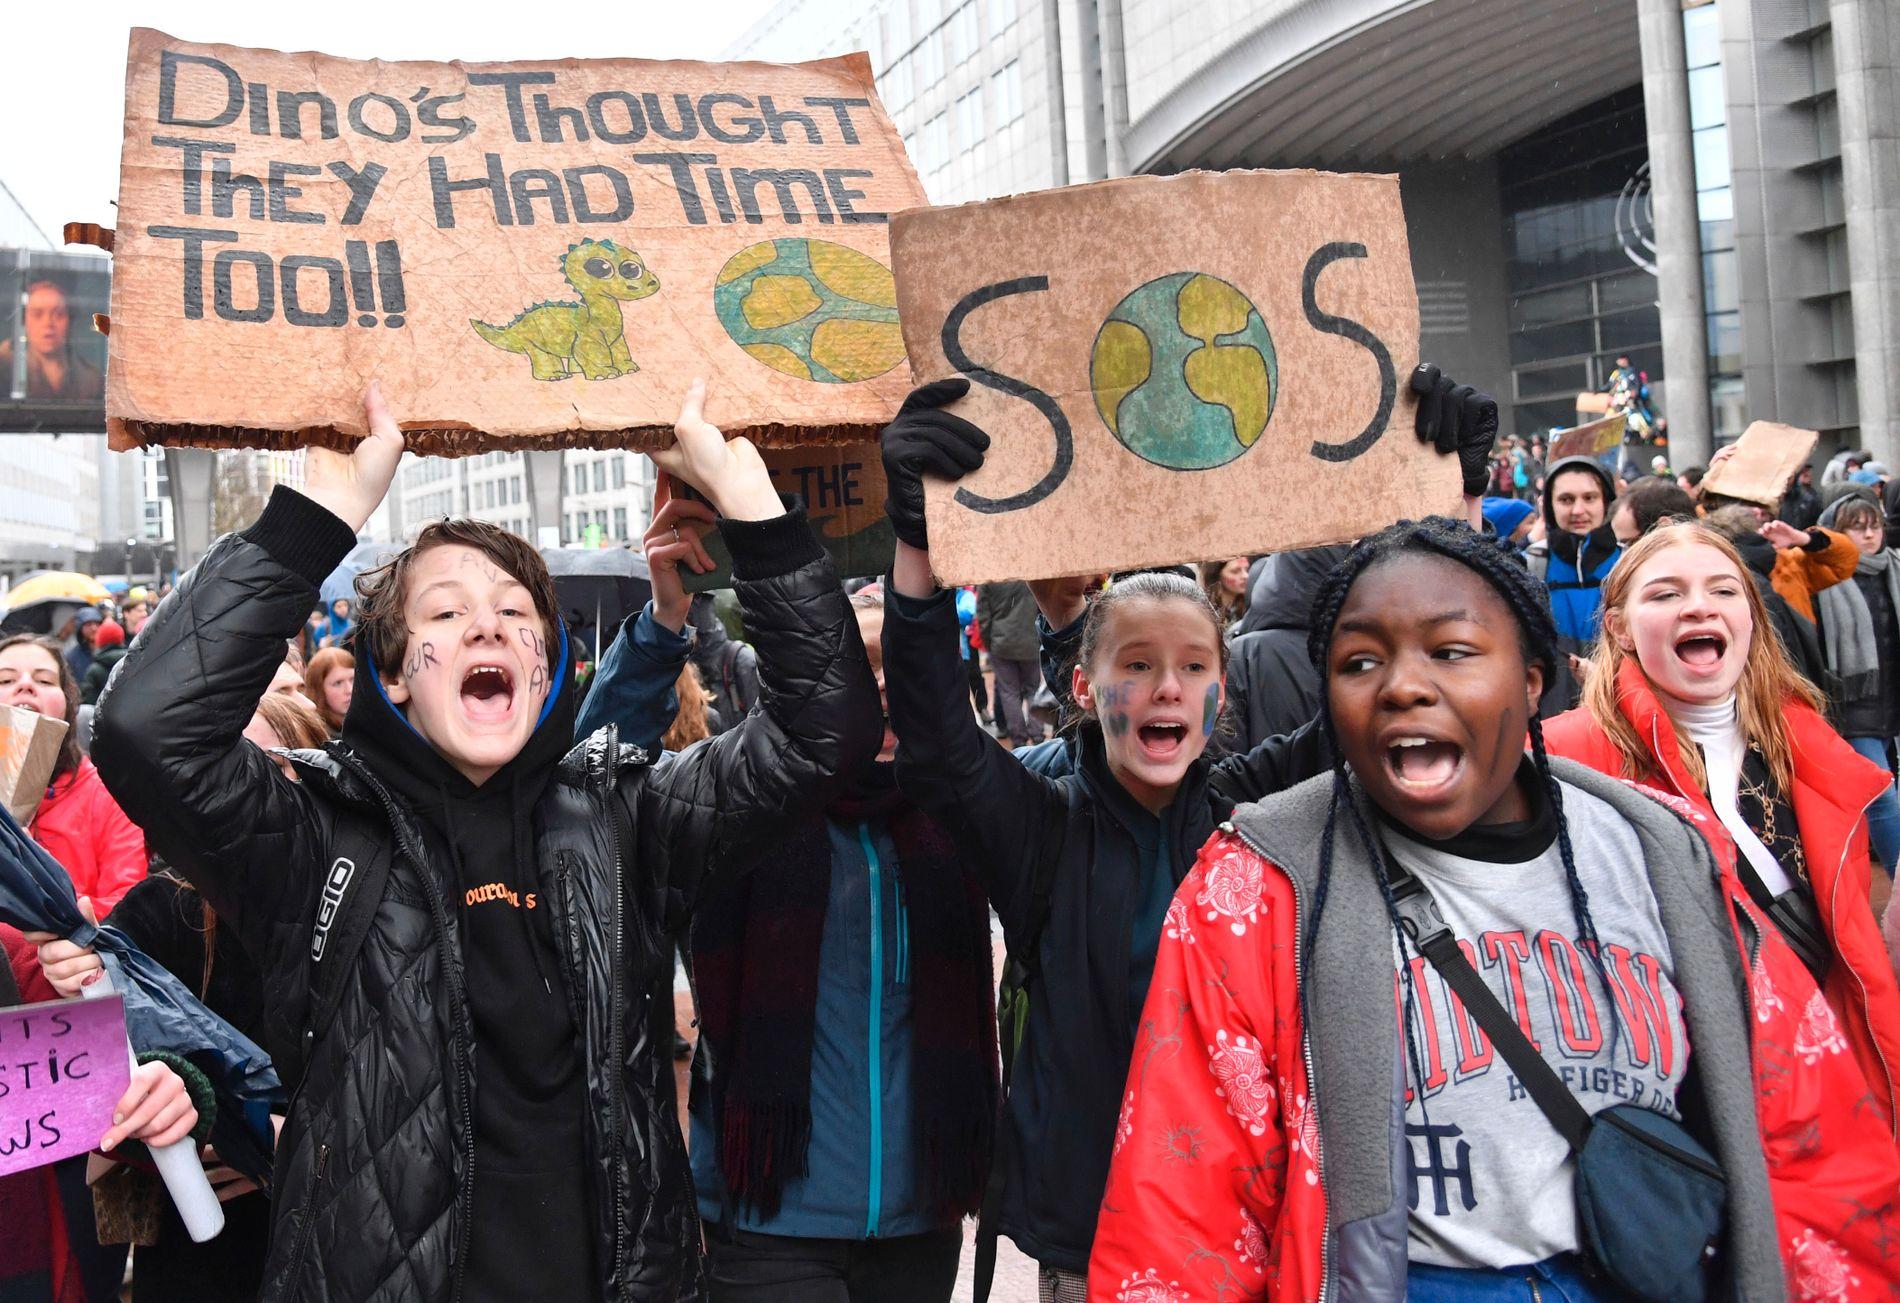 Demonstranter med bannere under klimamarsjen i Brussel søndag. Foto: Geert Vanden Wijngaert / AP / NTB scanpix